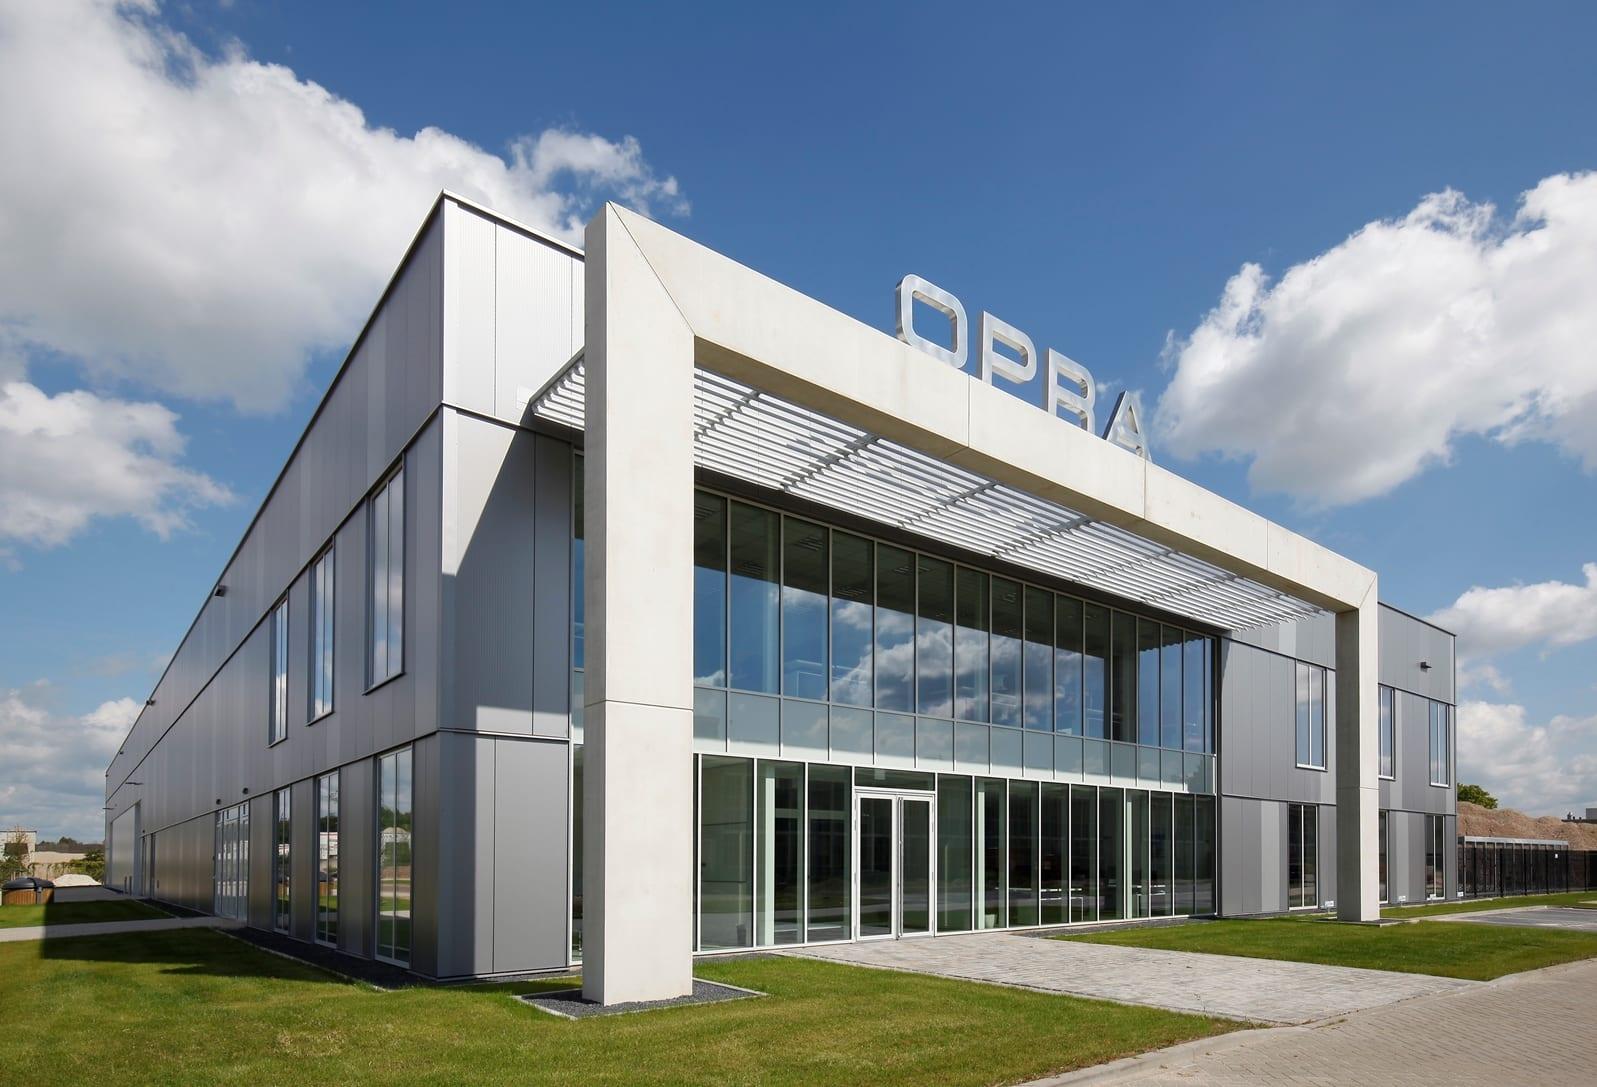 Nieuw bedrijfspand OPRA Turbines Hengelo